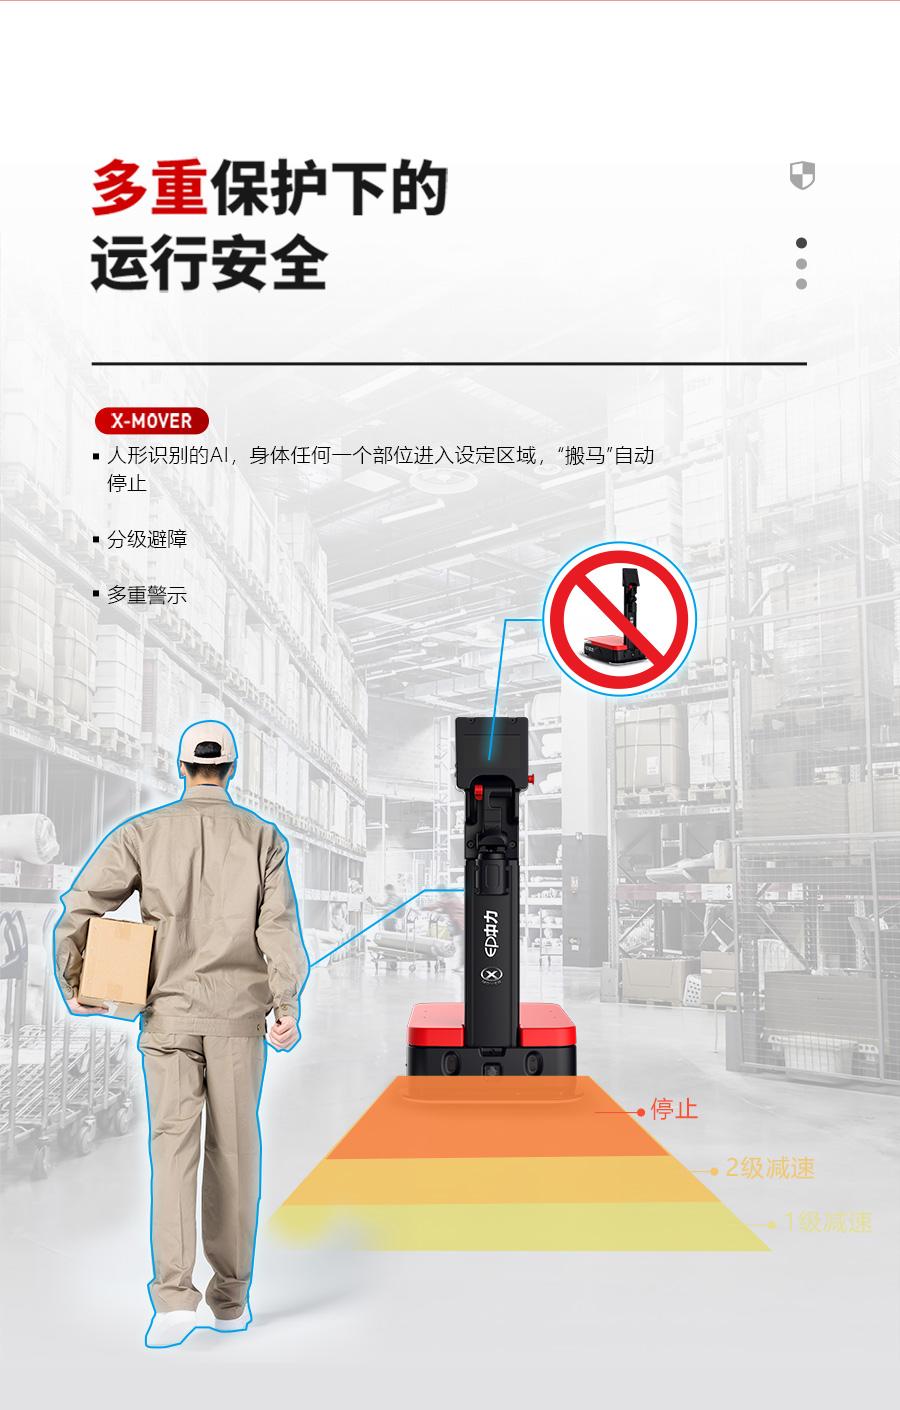 中力XC1-051 看板/工位搬运机器人